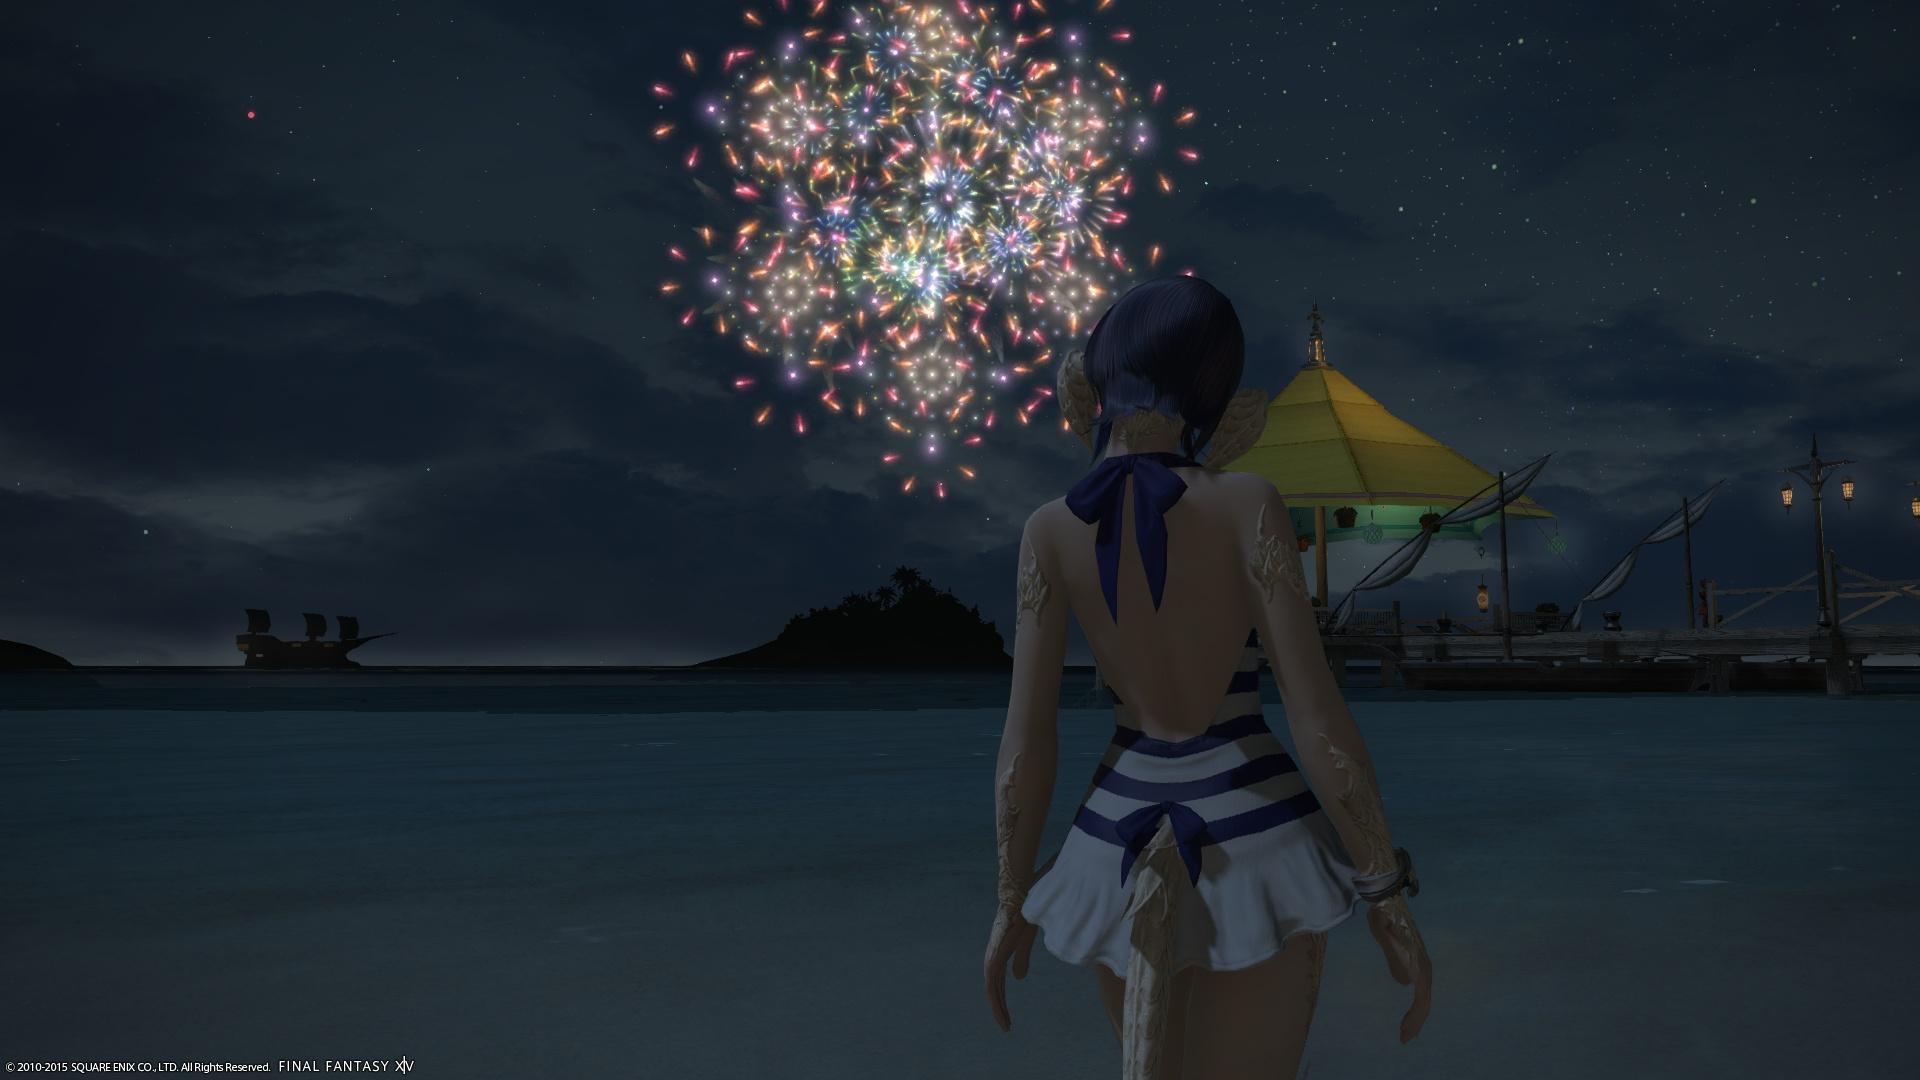 水着と花火